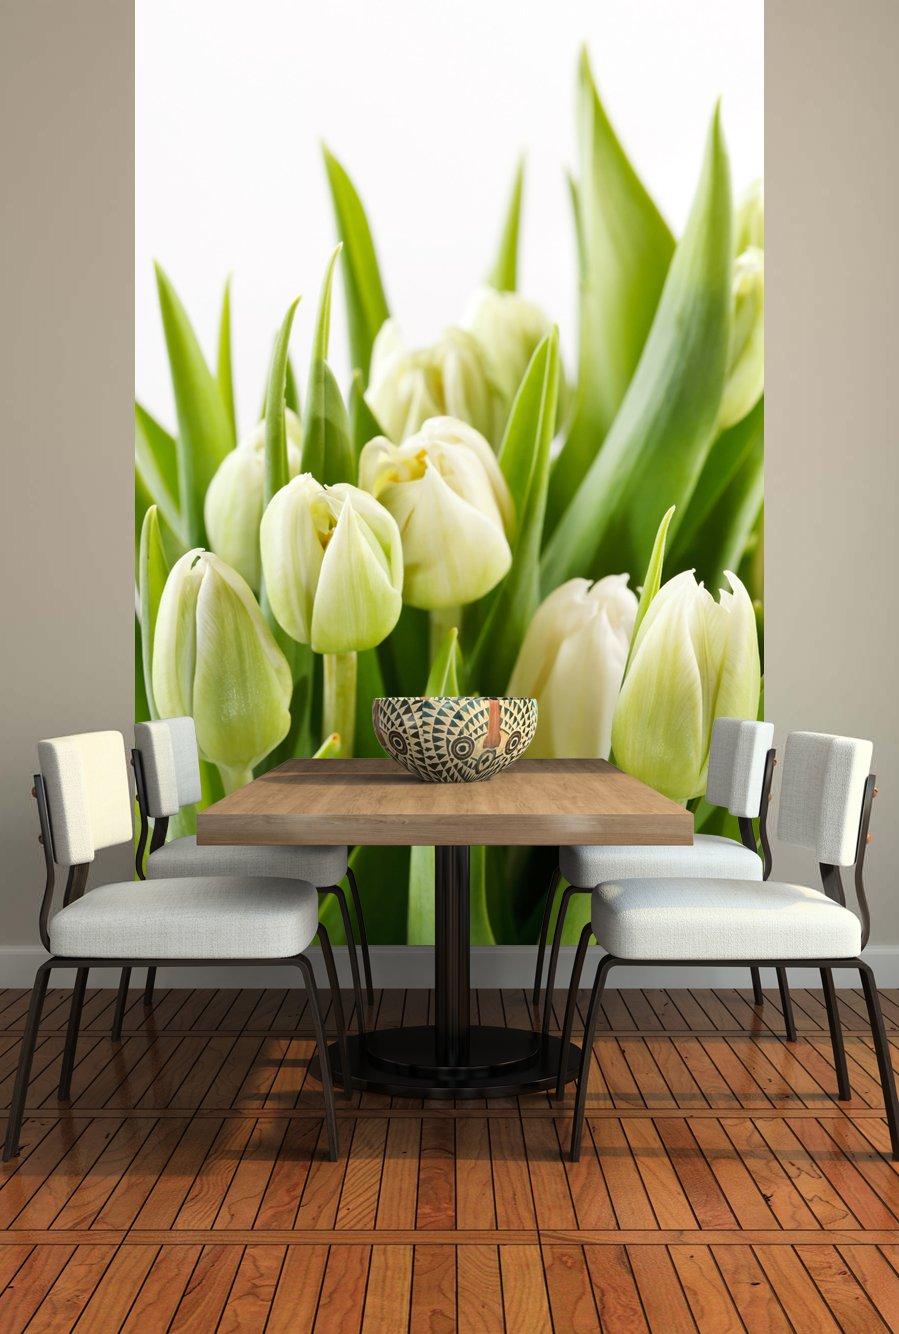 Фотообои с тюльпанами в интерьере фото